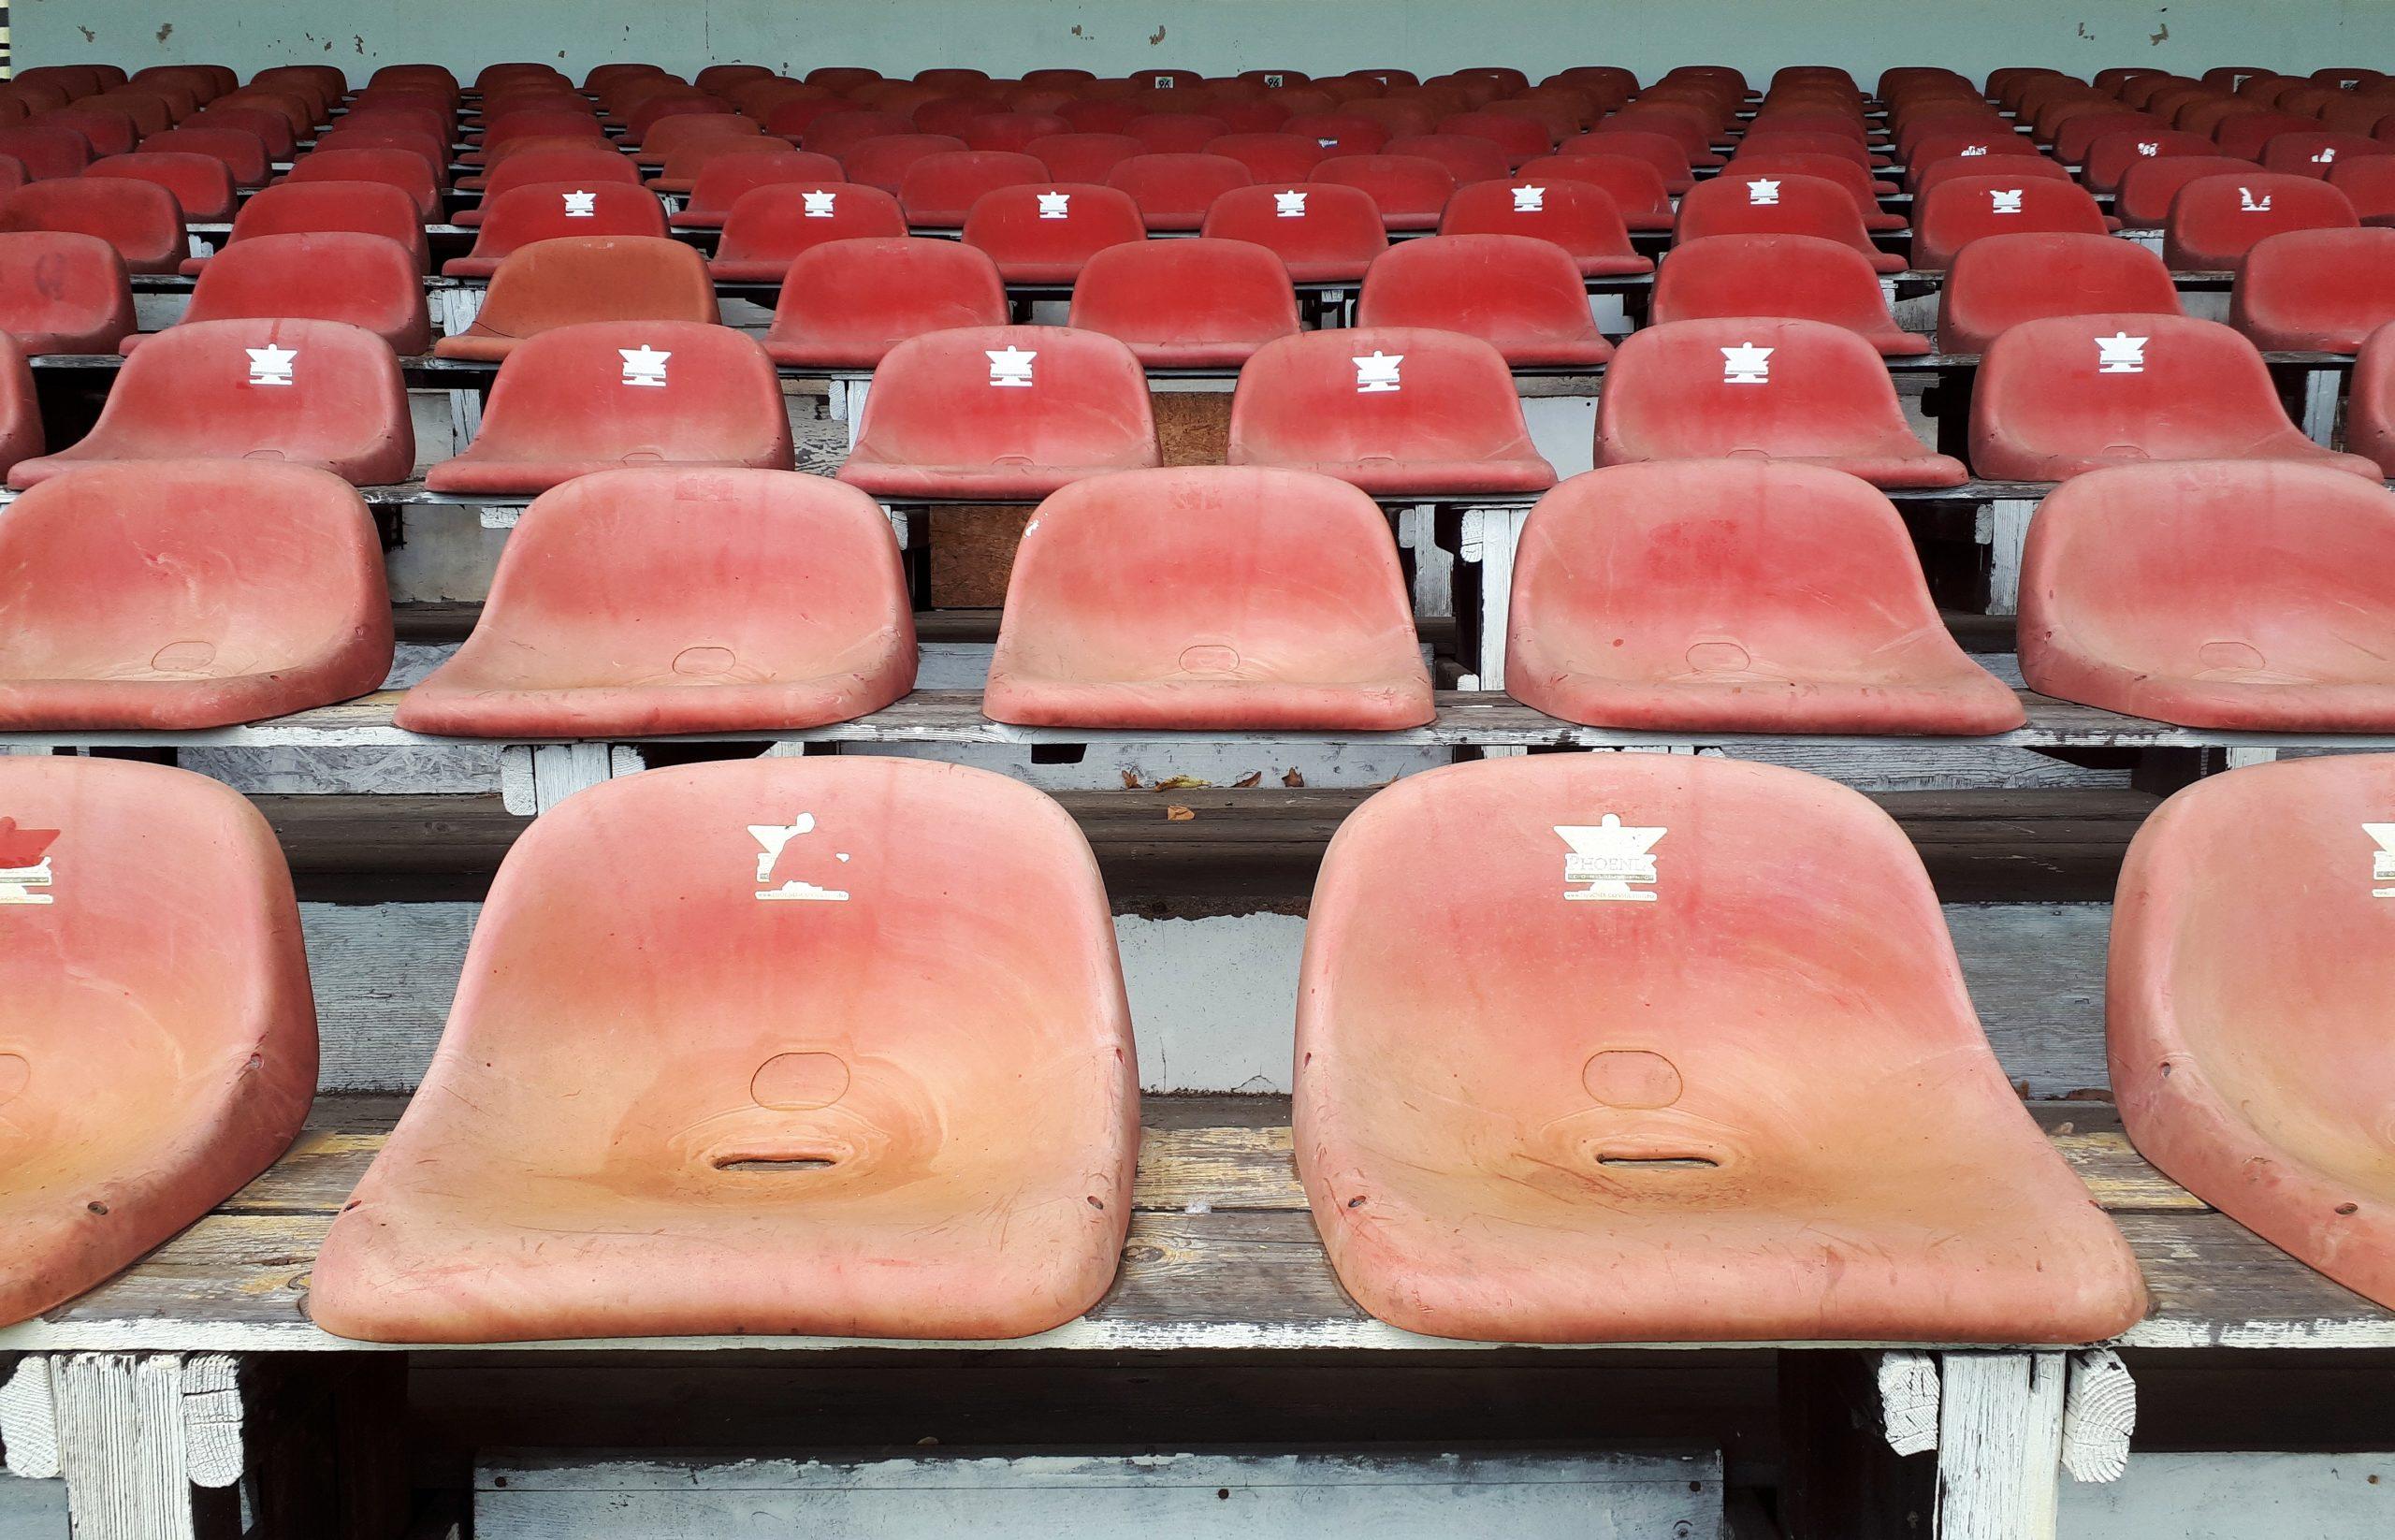 Oststadtstadion OSV Hannover, Hannover